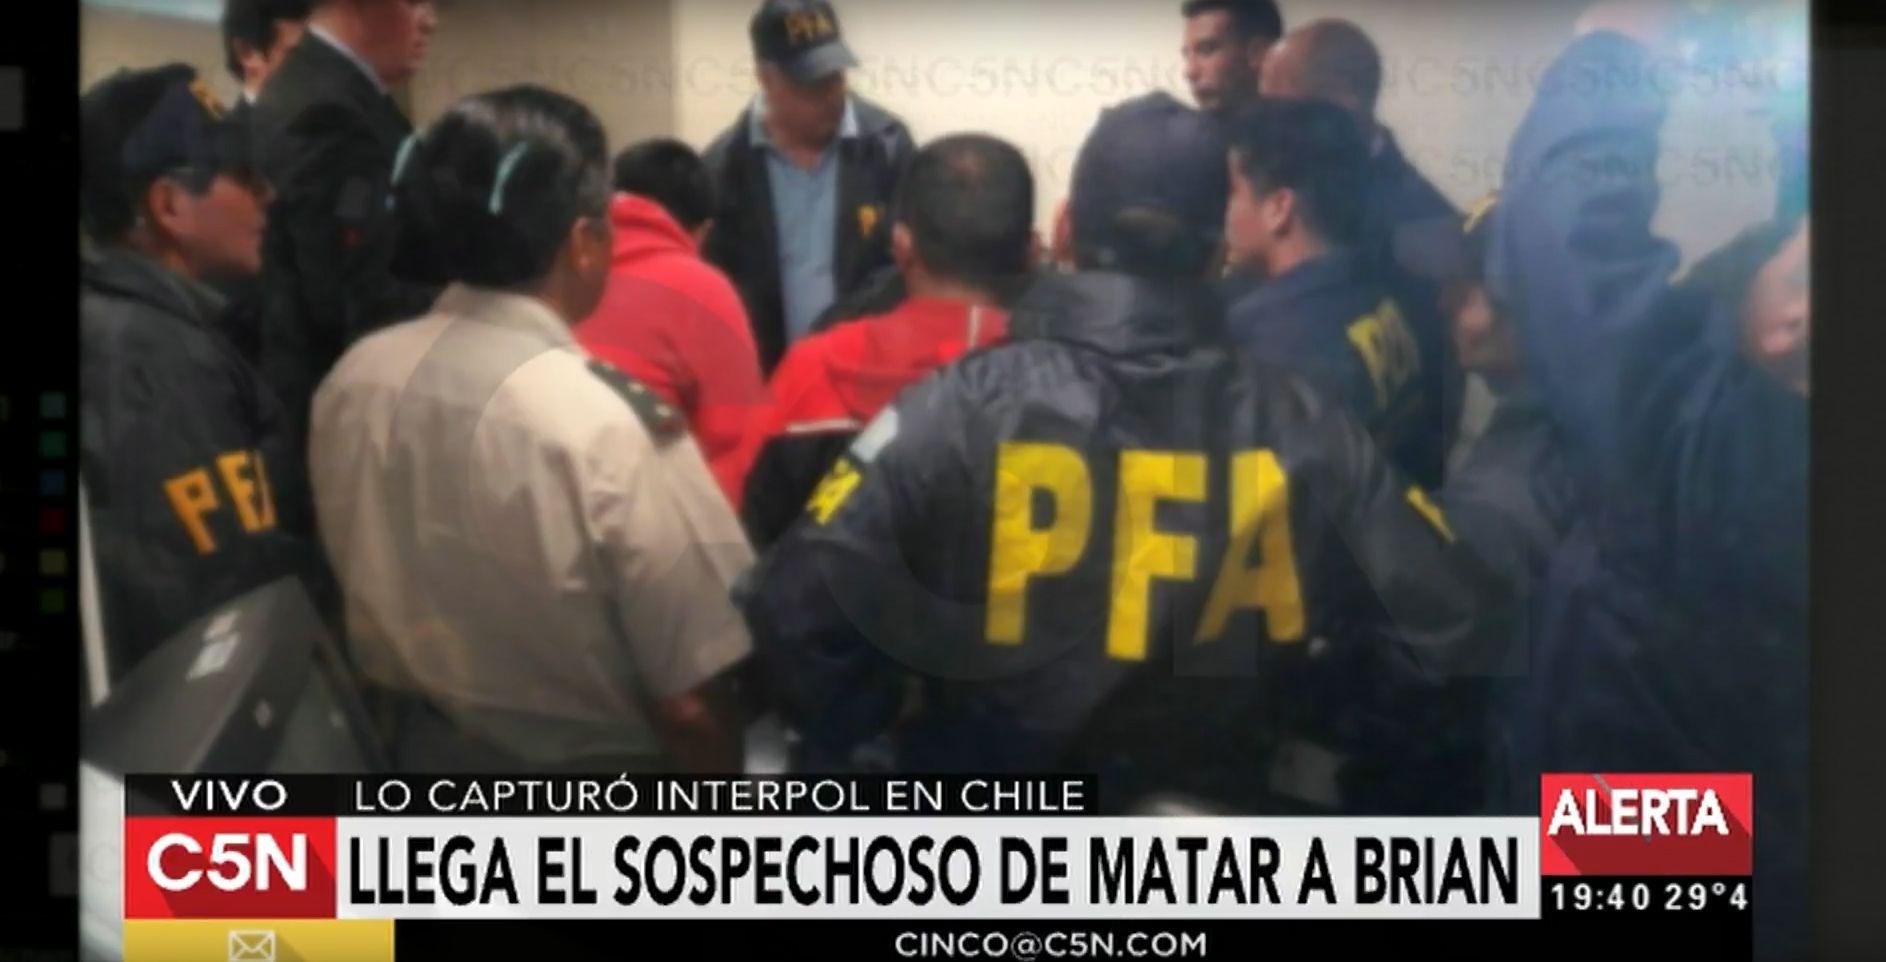 Detuvieron a un adolescente en Chile por el crimen de Brian